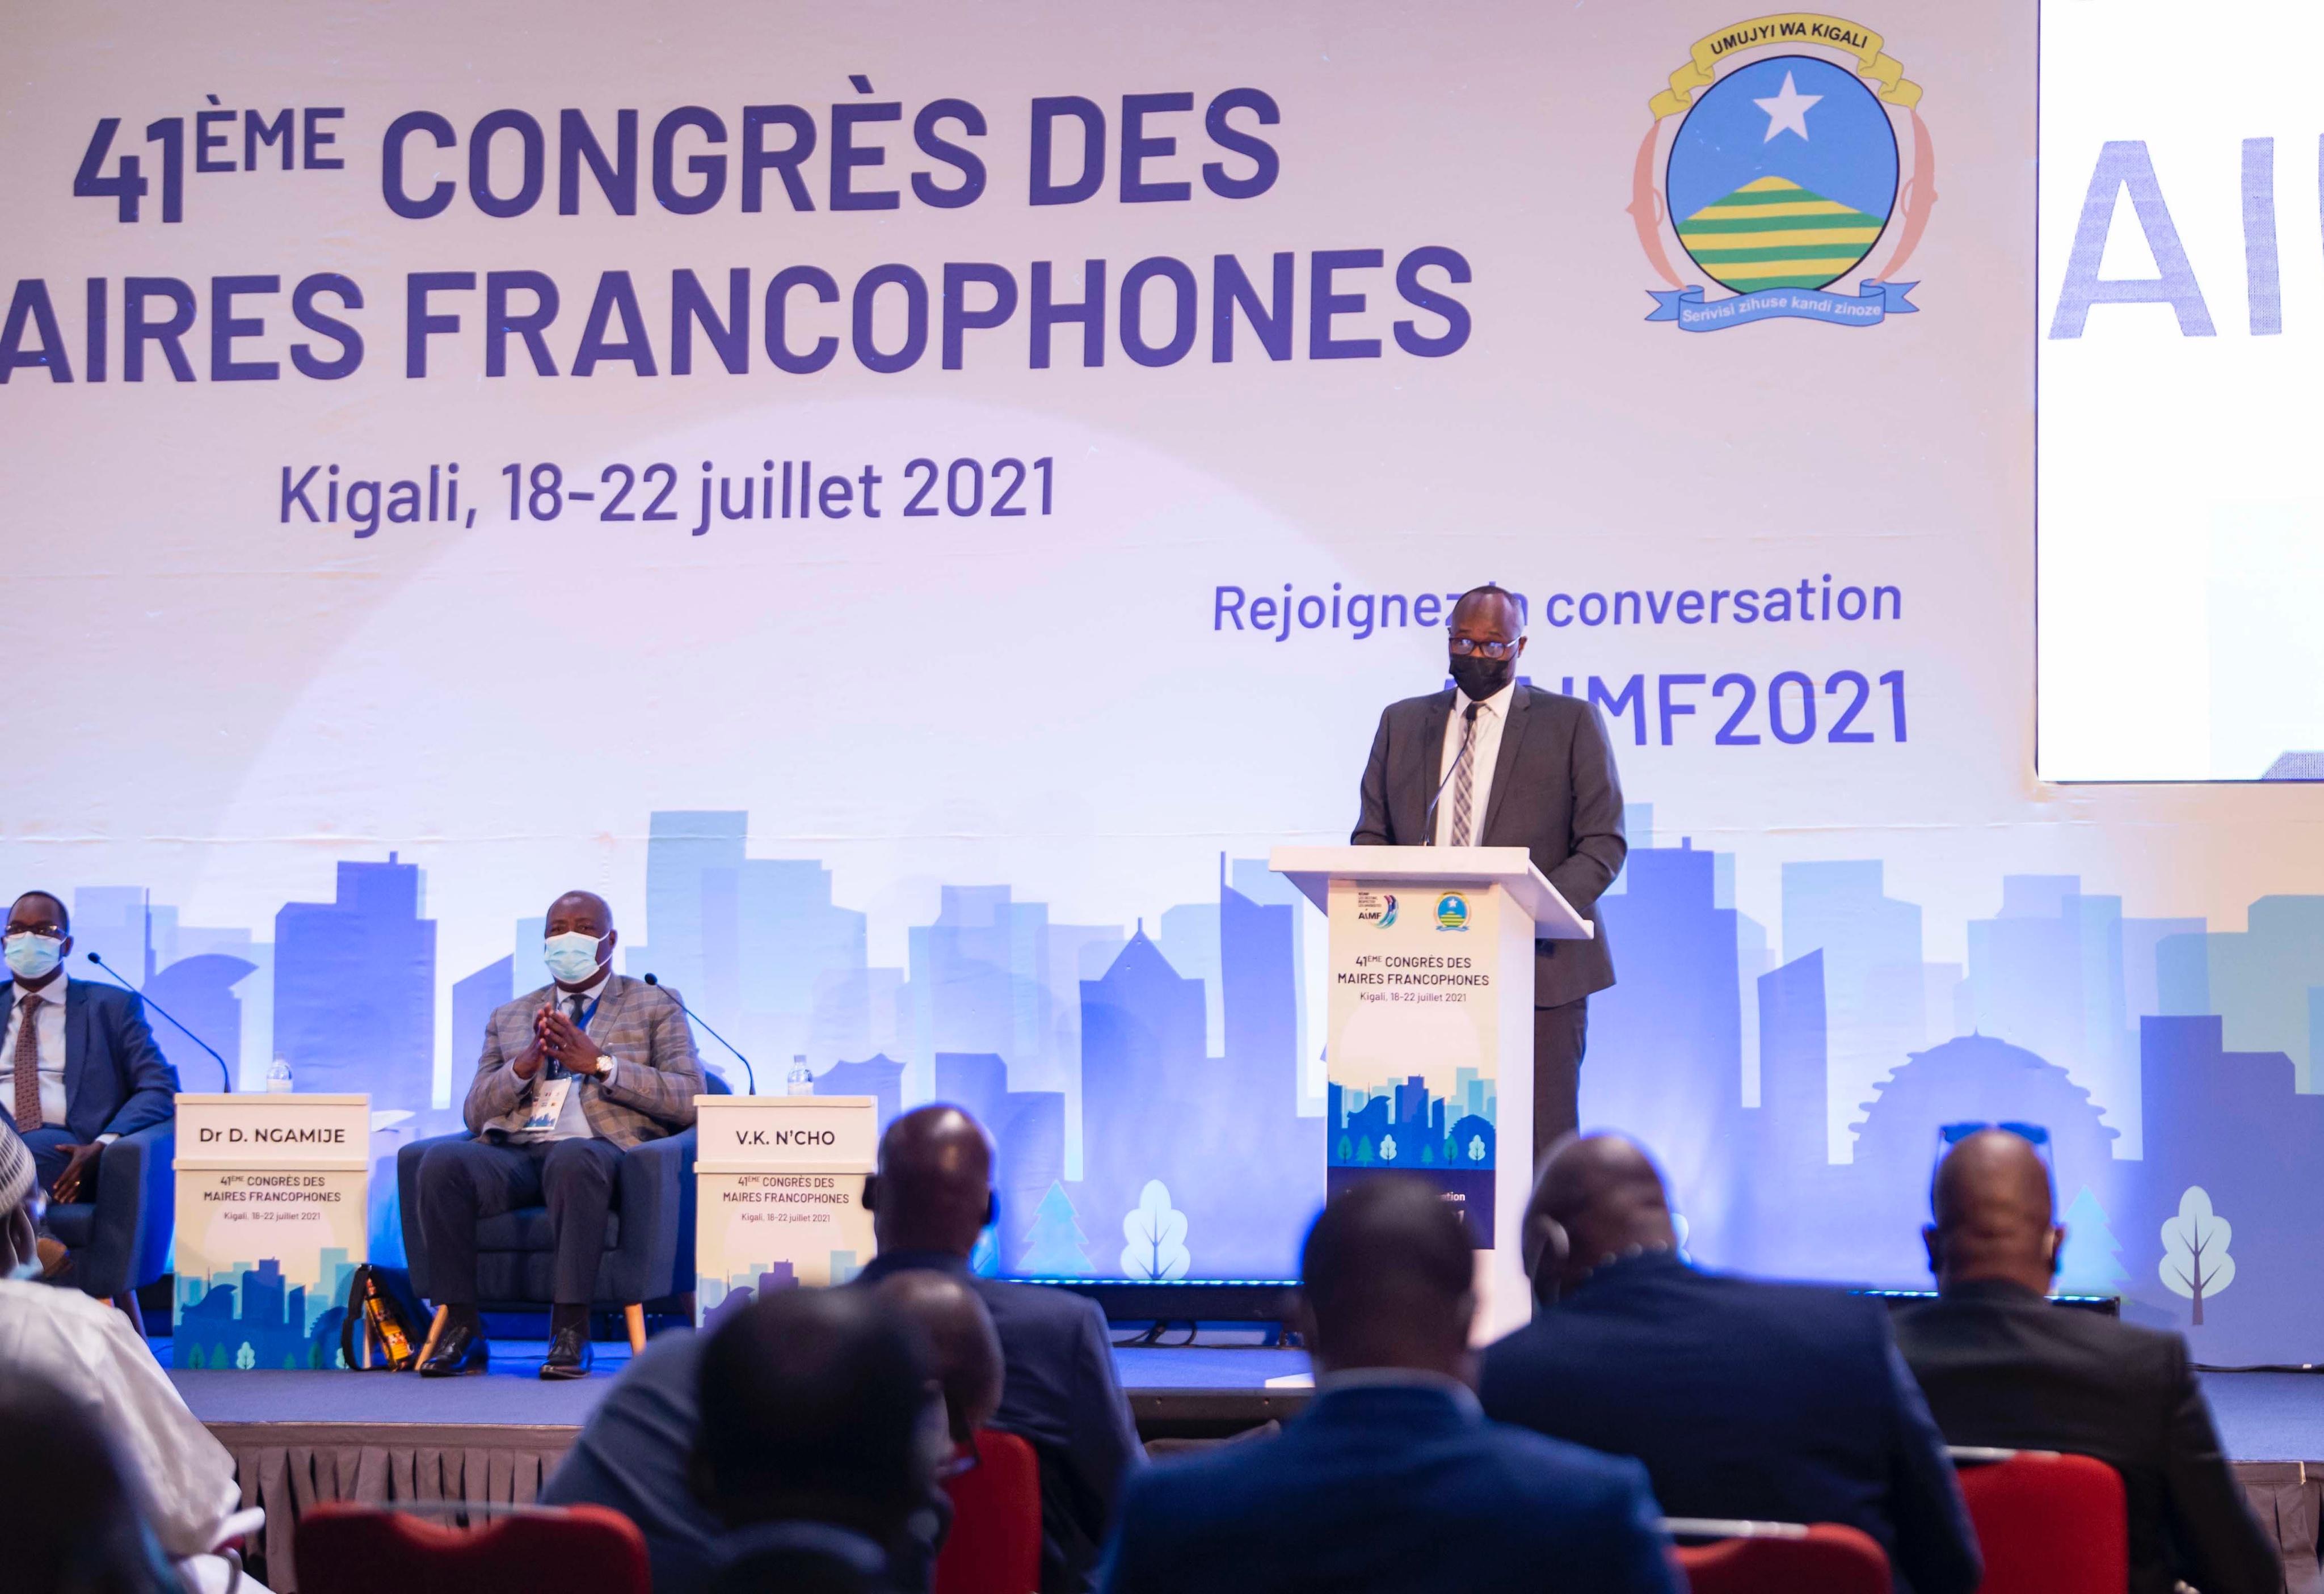 Le DAGL prend part au 41ème Congrès de l'Association Internationale des Maires Francophones à Kigali